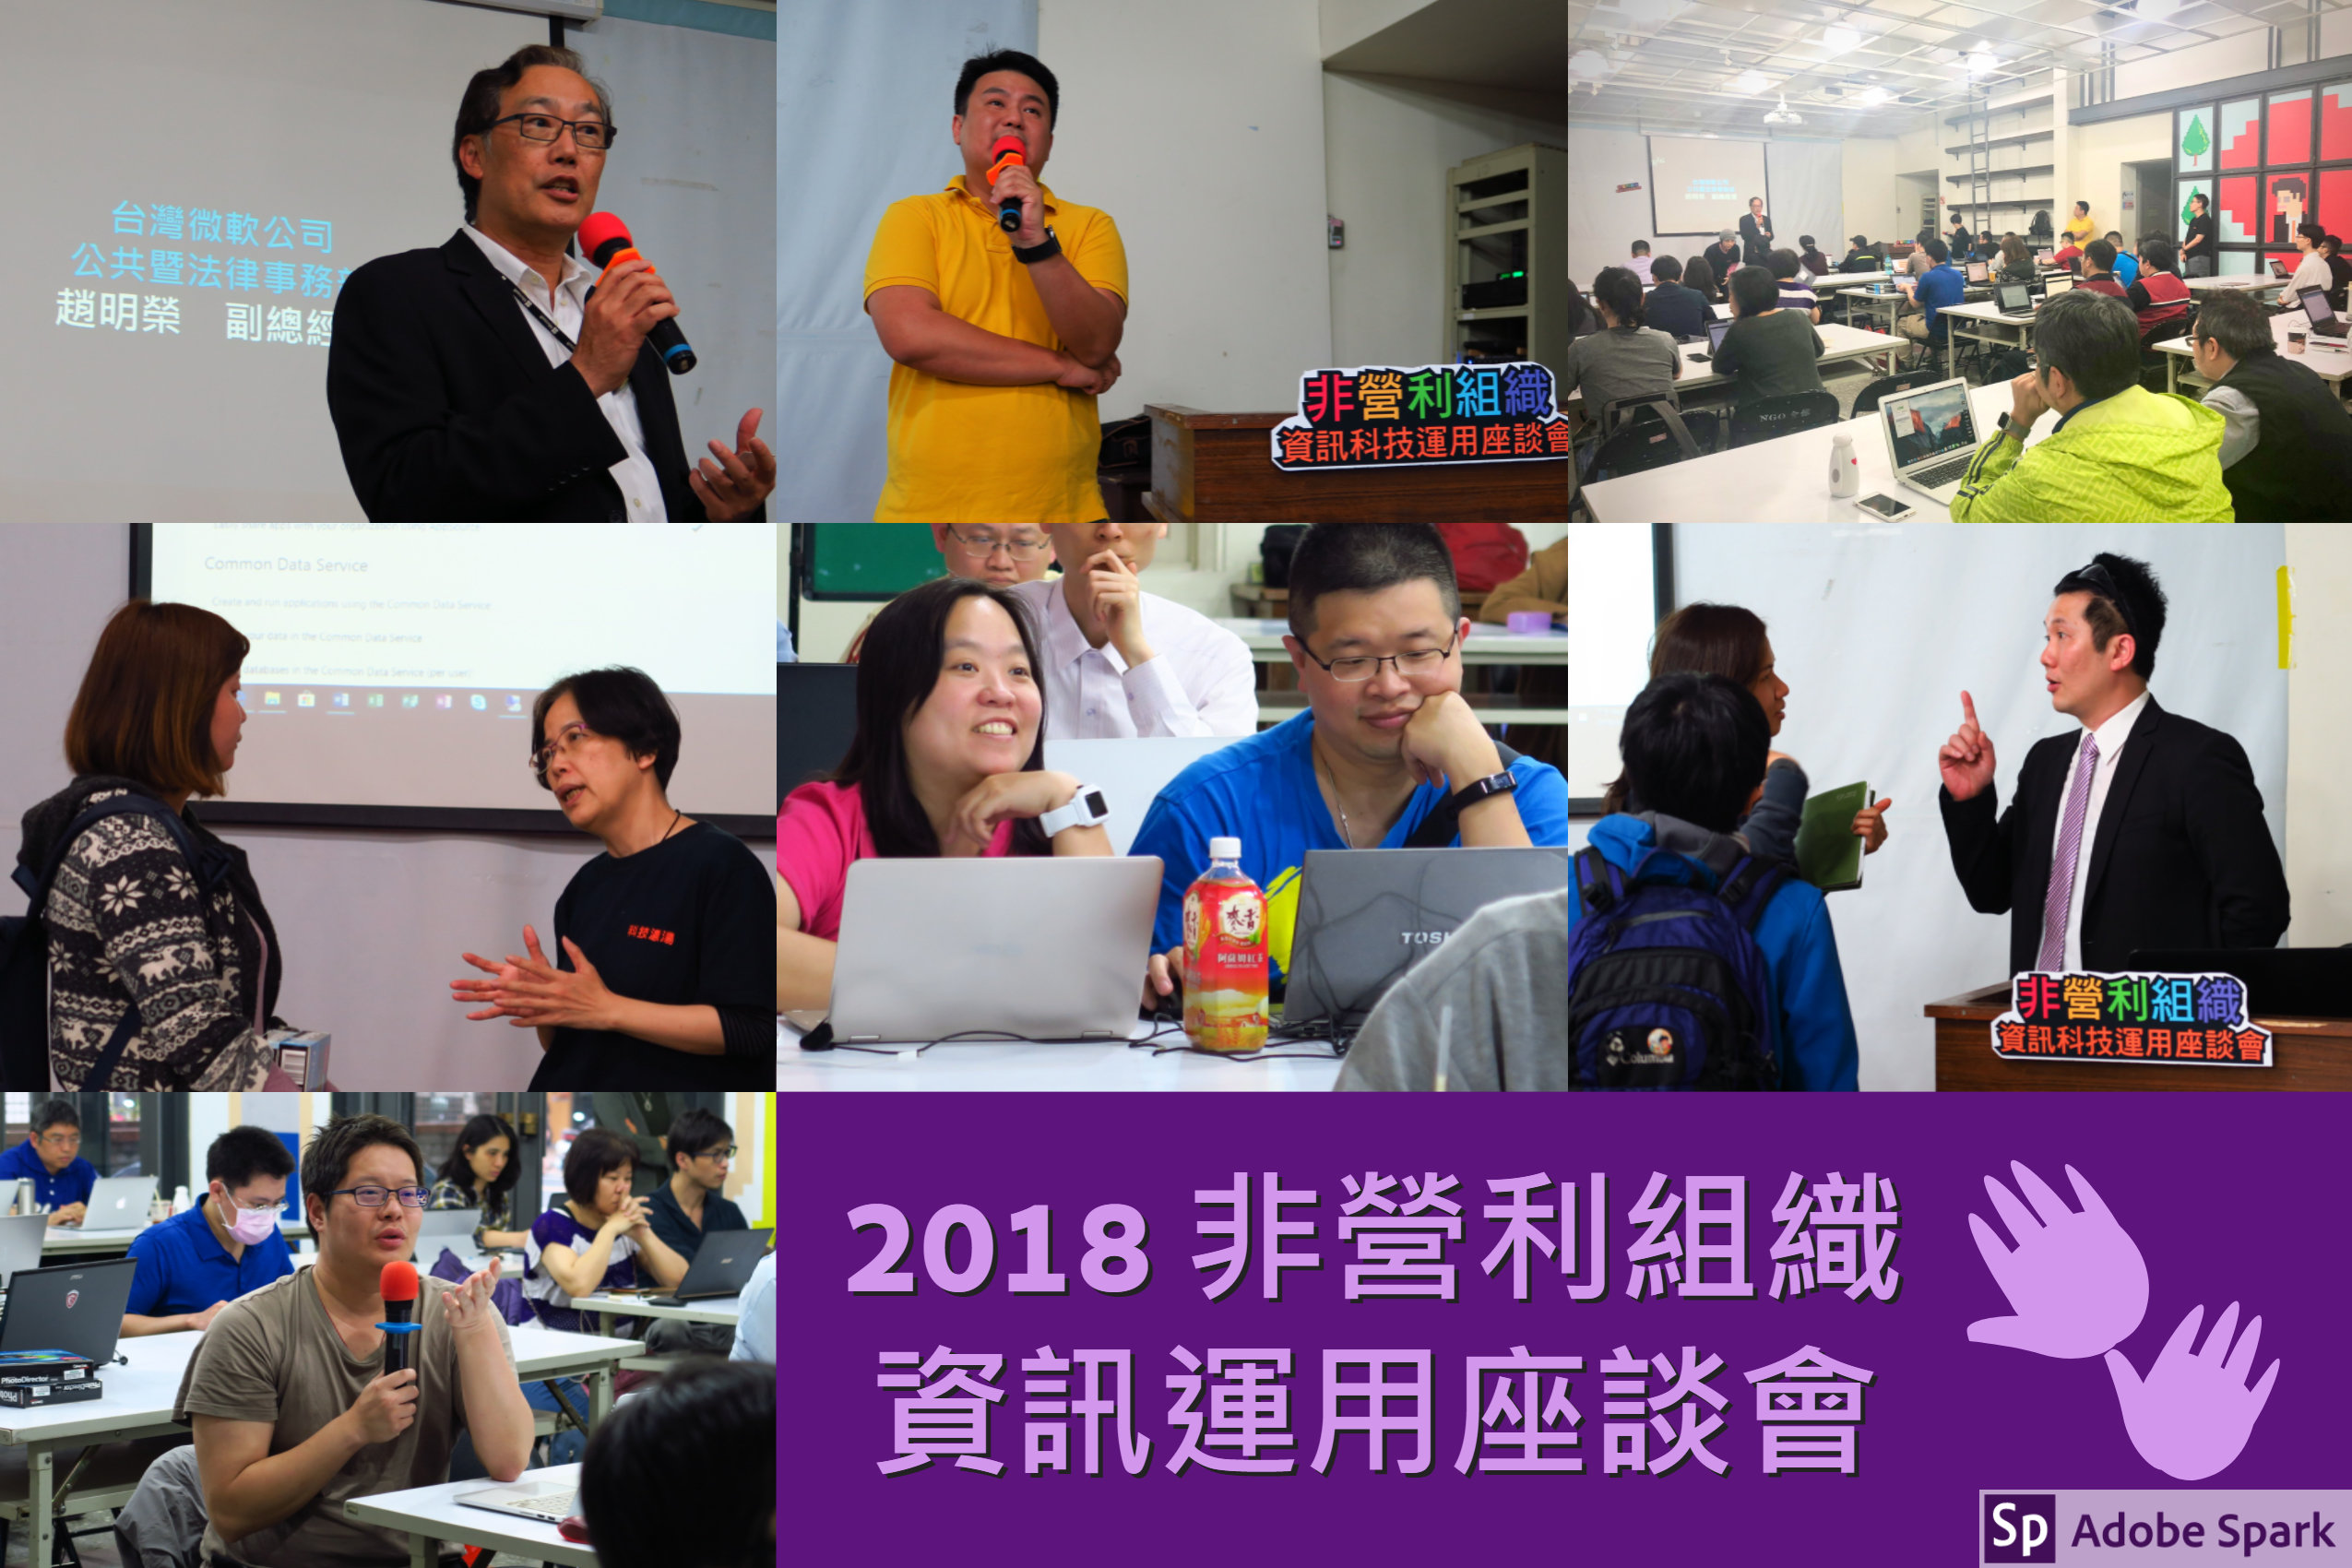 [活動紀錄] 3/27 Office 365 進階功能,非營利組織這樣用更厲害(台北場)